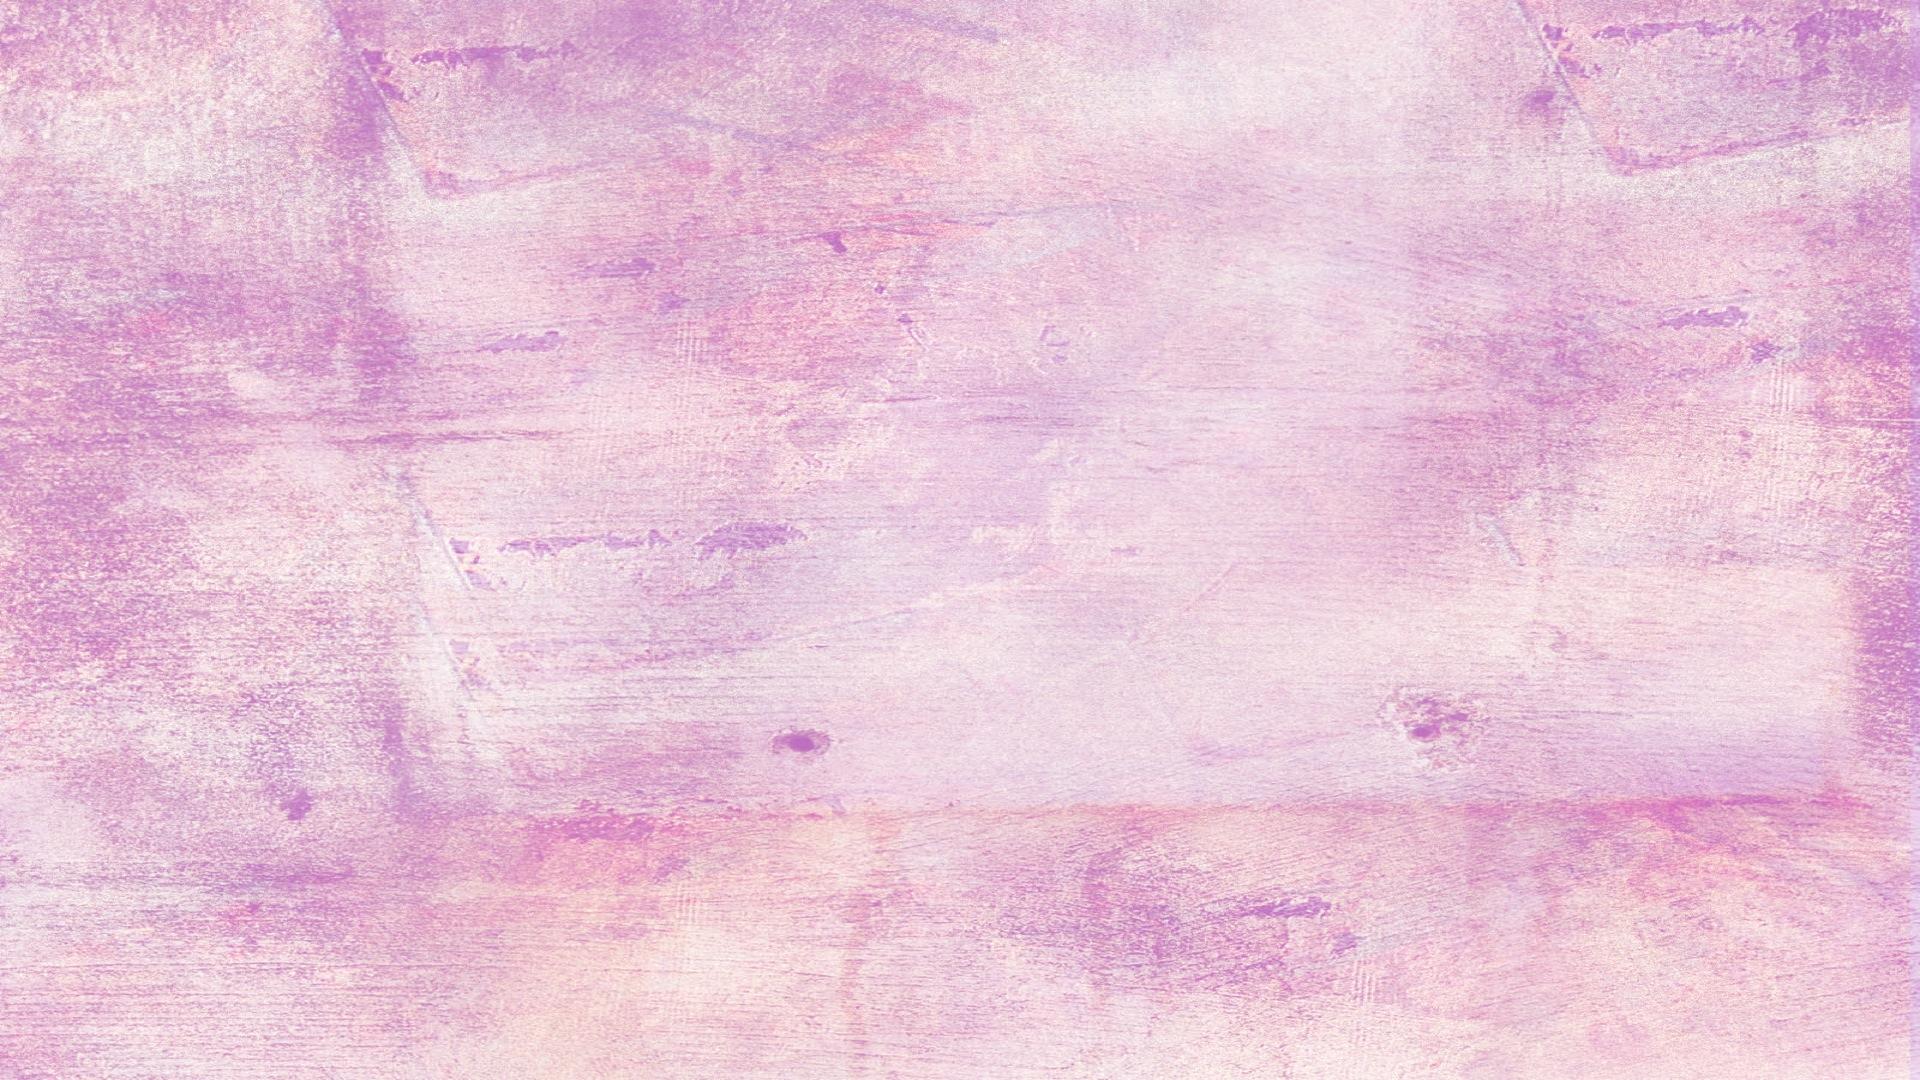 Pink Purple Wallpaper - WallpaperSafari